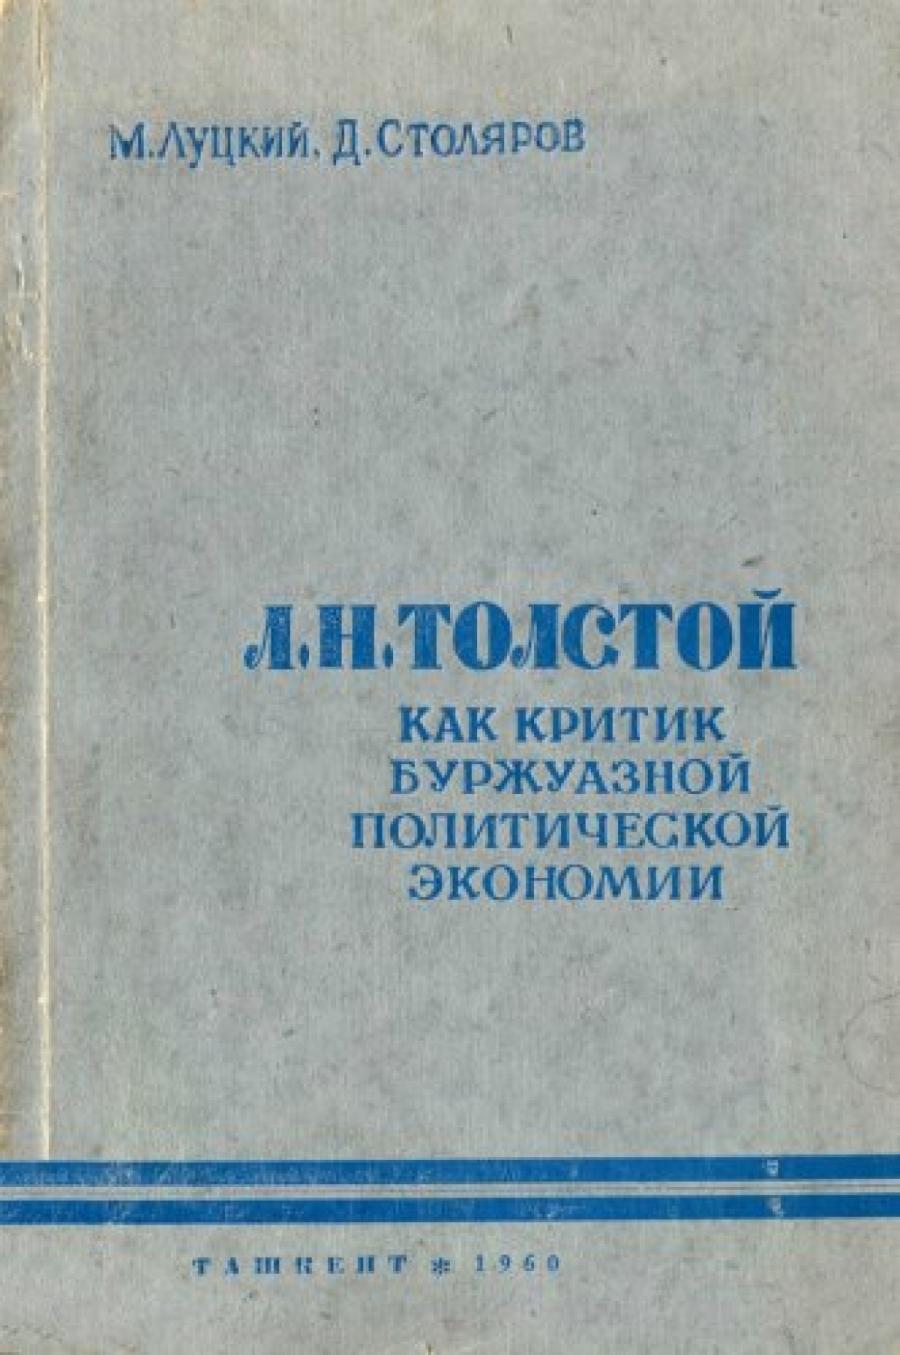 Обложка книги:  луцкий м., столяров д. - л.н. толстой как критик буржуазной политической экономии (djvu)